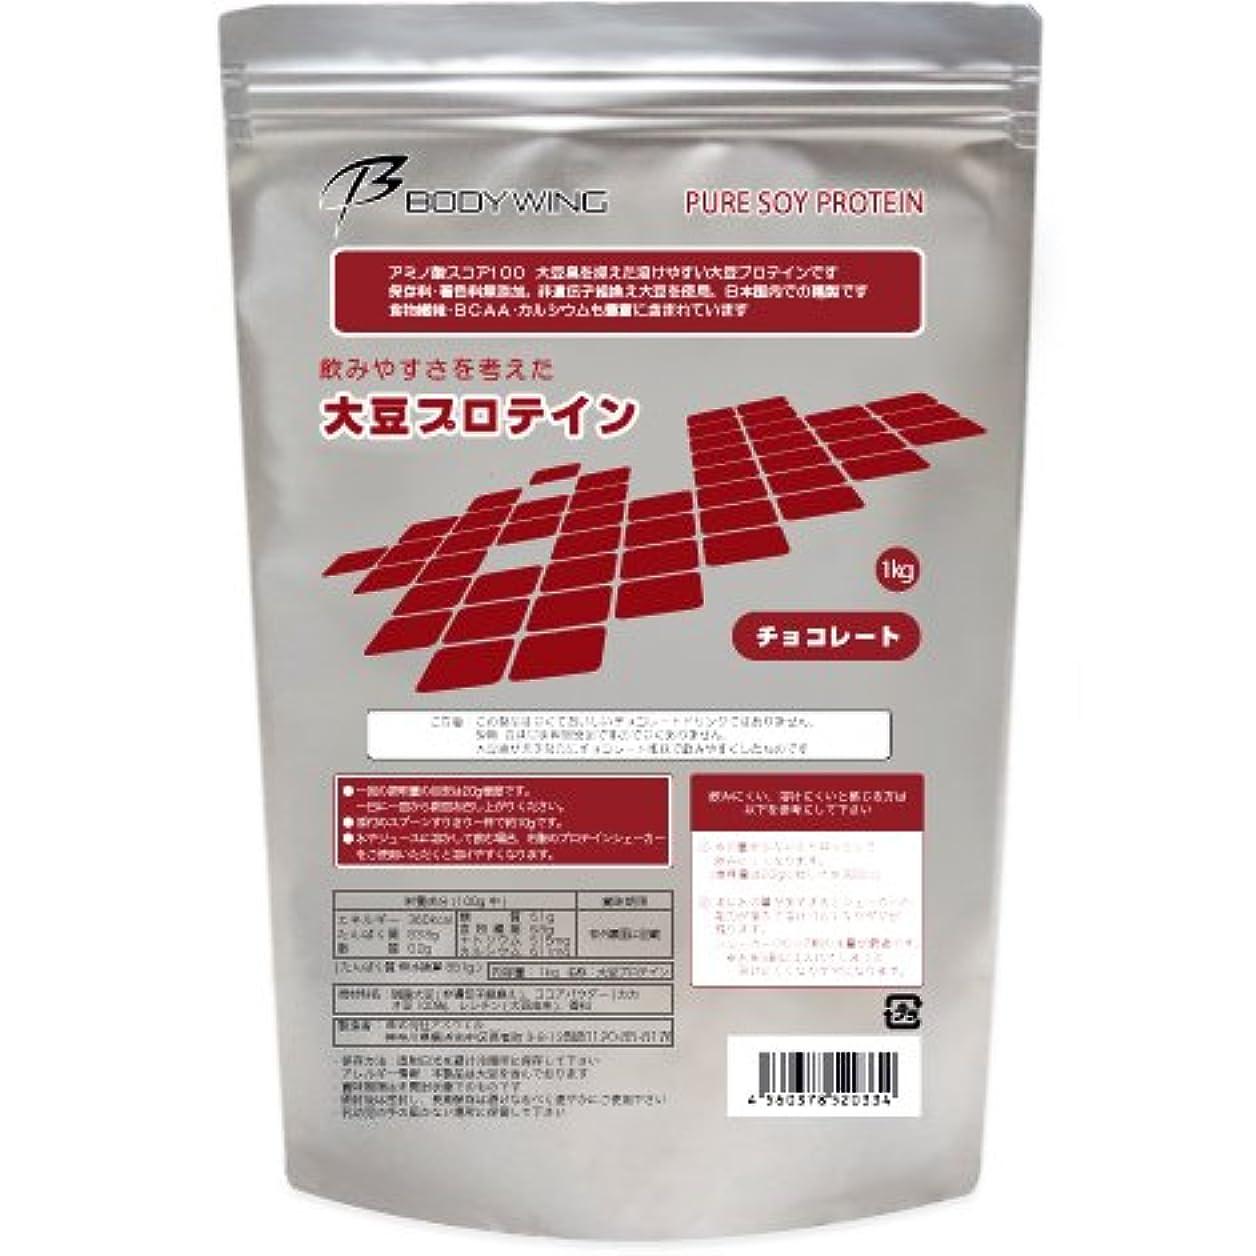 交渉するストレージ宿題をする大豆プロテイン 1kg チョコレート 飲みやすいソイプロテイン